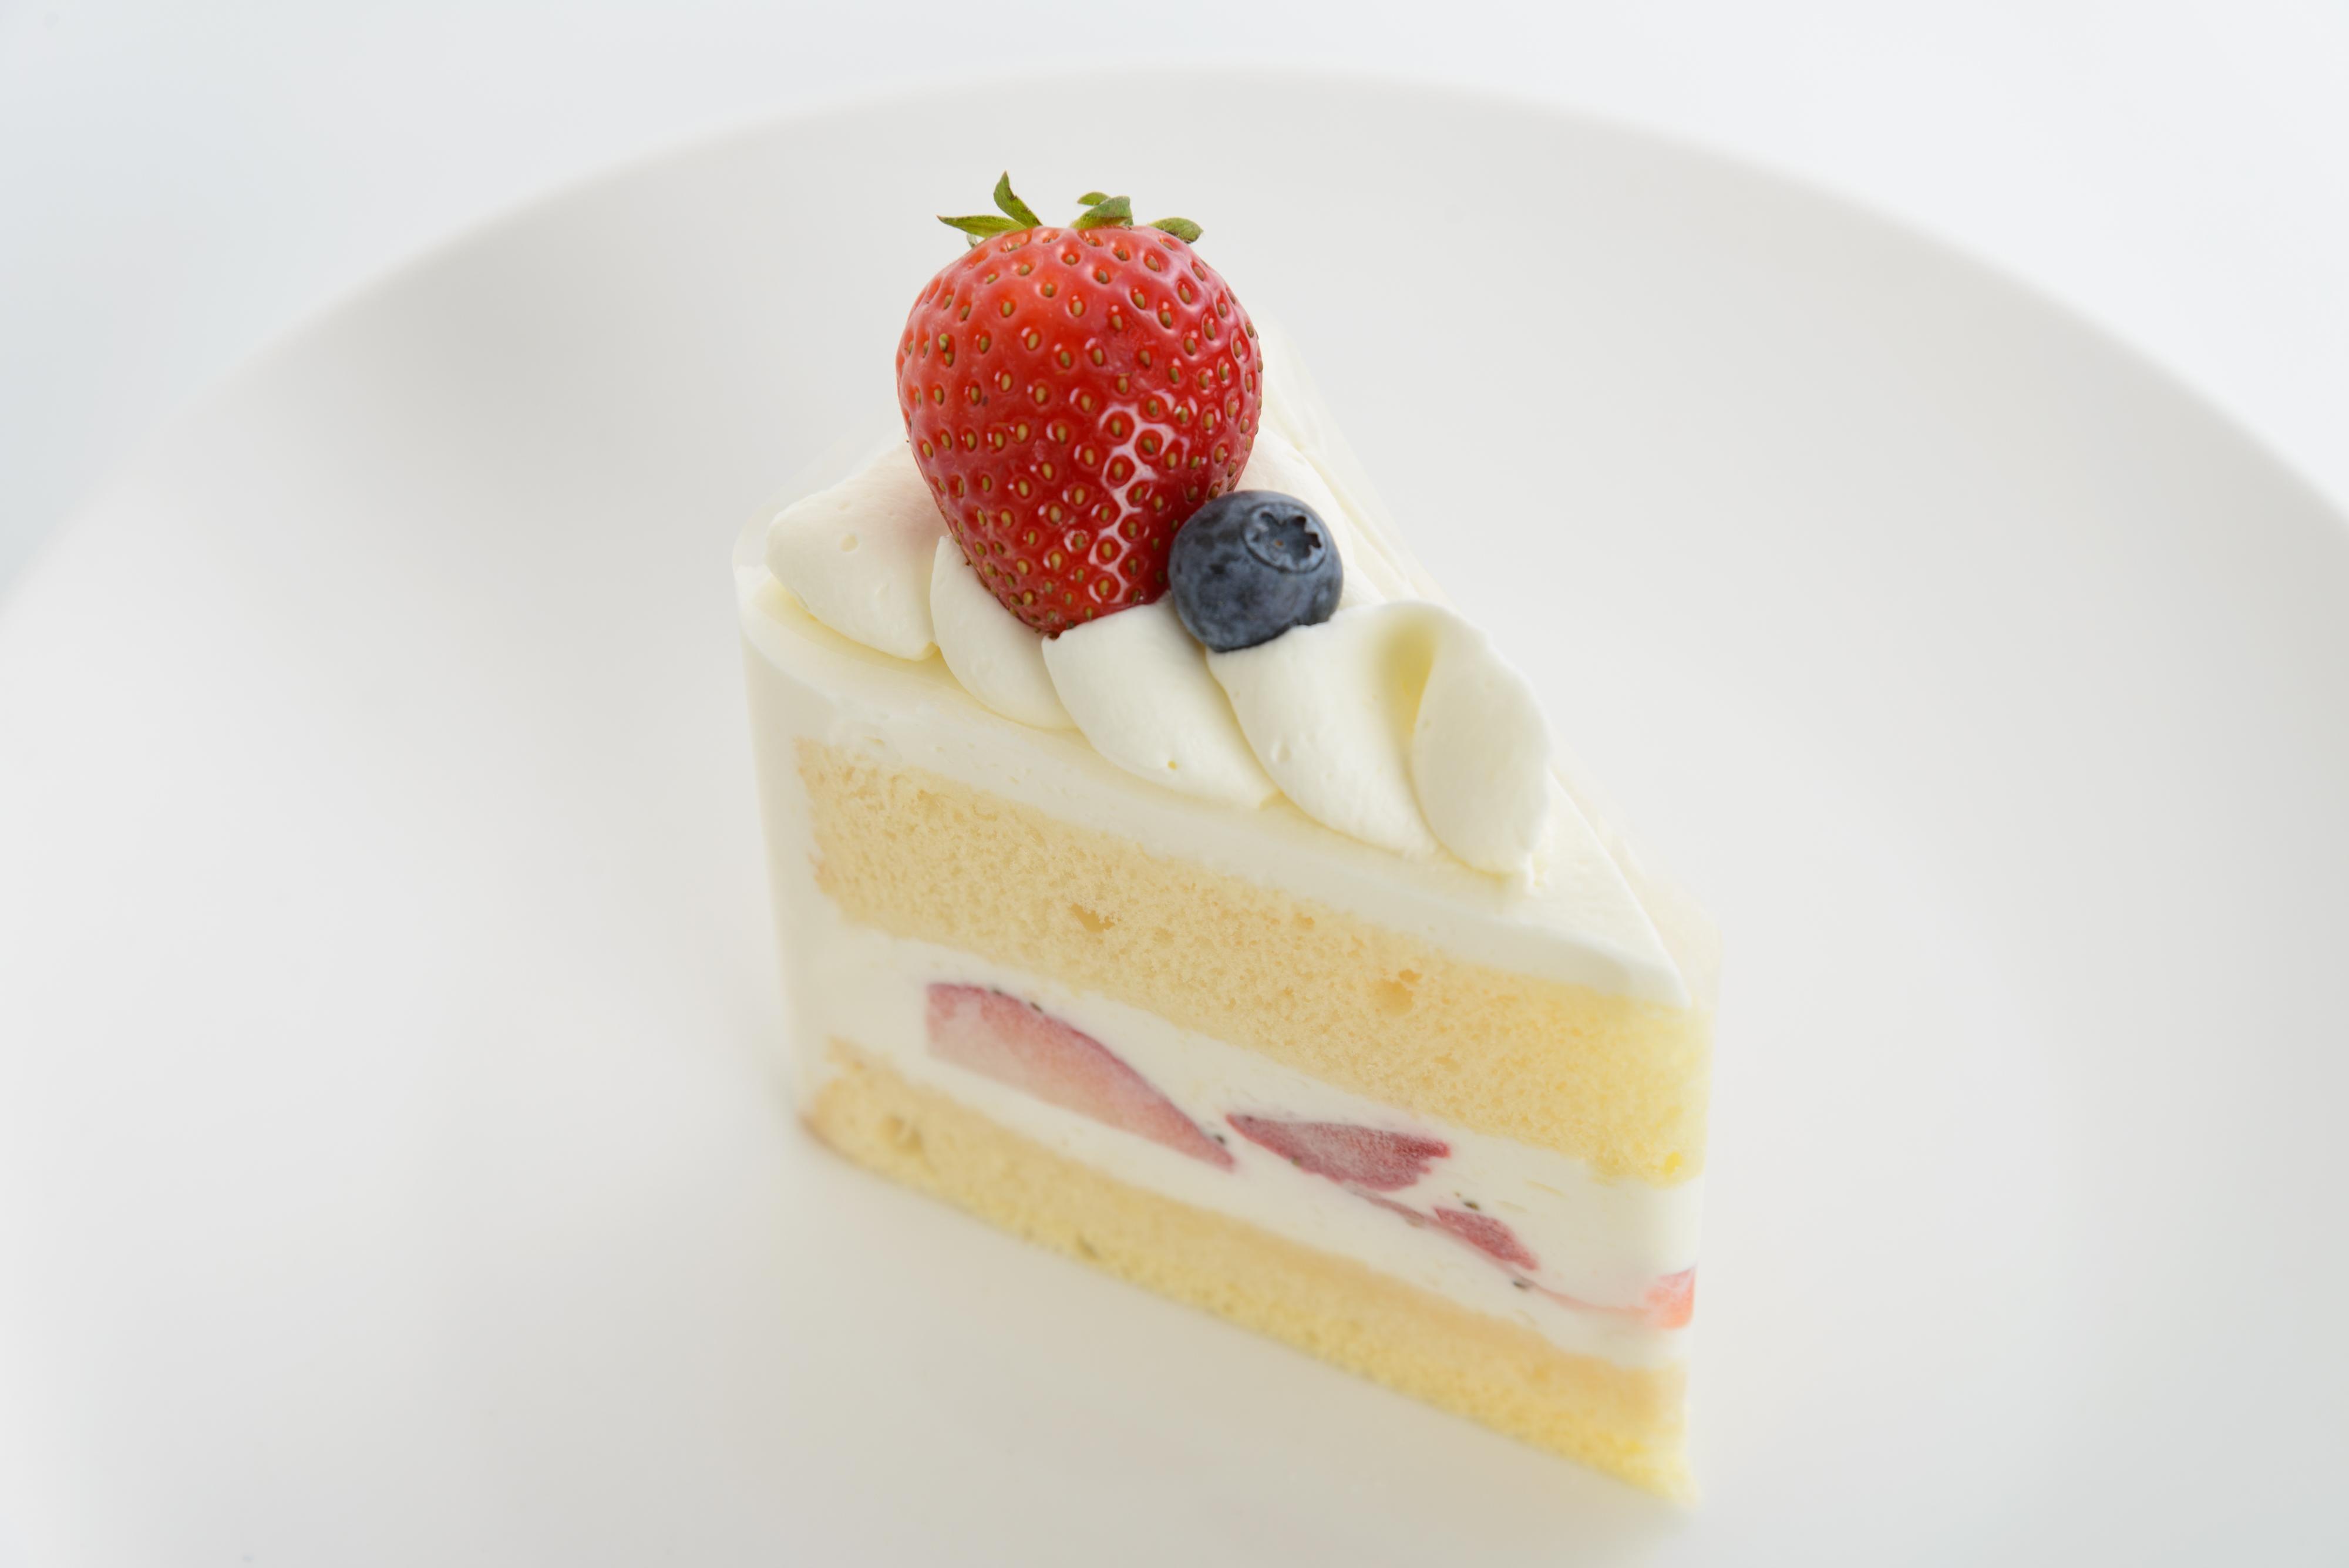 *ショートケーキ*ウルー一番人気! きめの細かいスポンジとコクのある生クリームの美味しさを是非ご賞味ください。